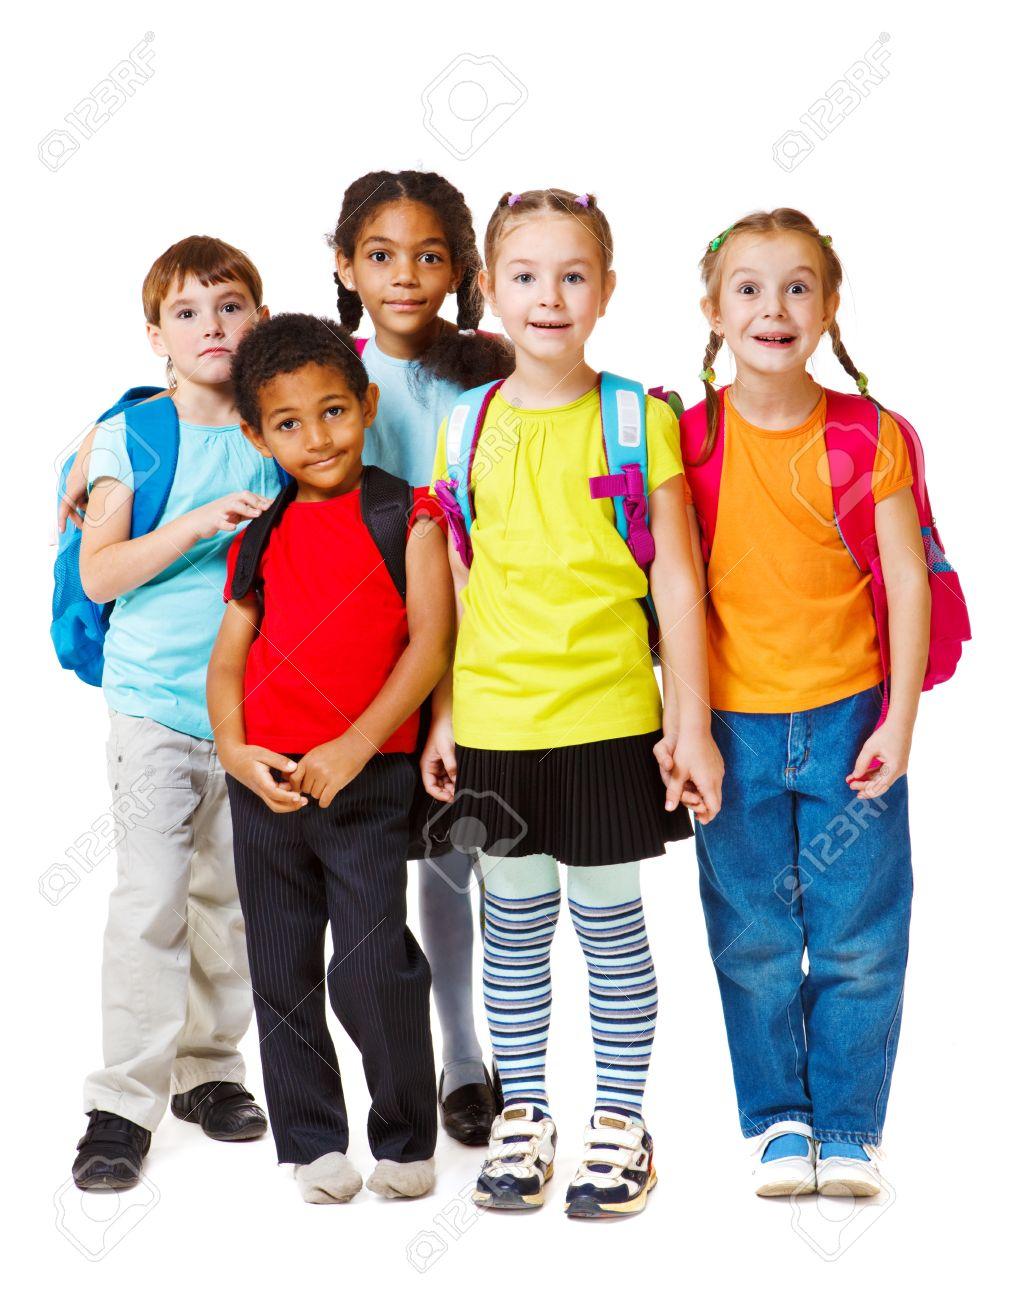 preschool child group of school aged and preschool kids - Images Of Preschool Children